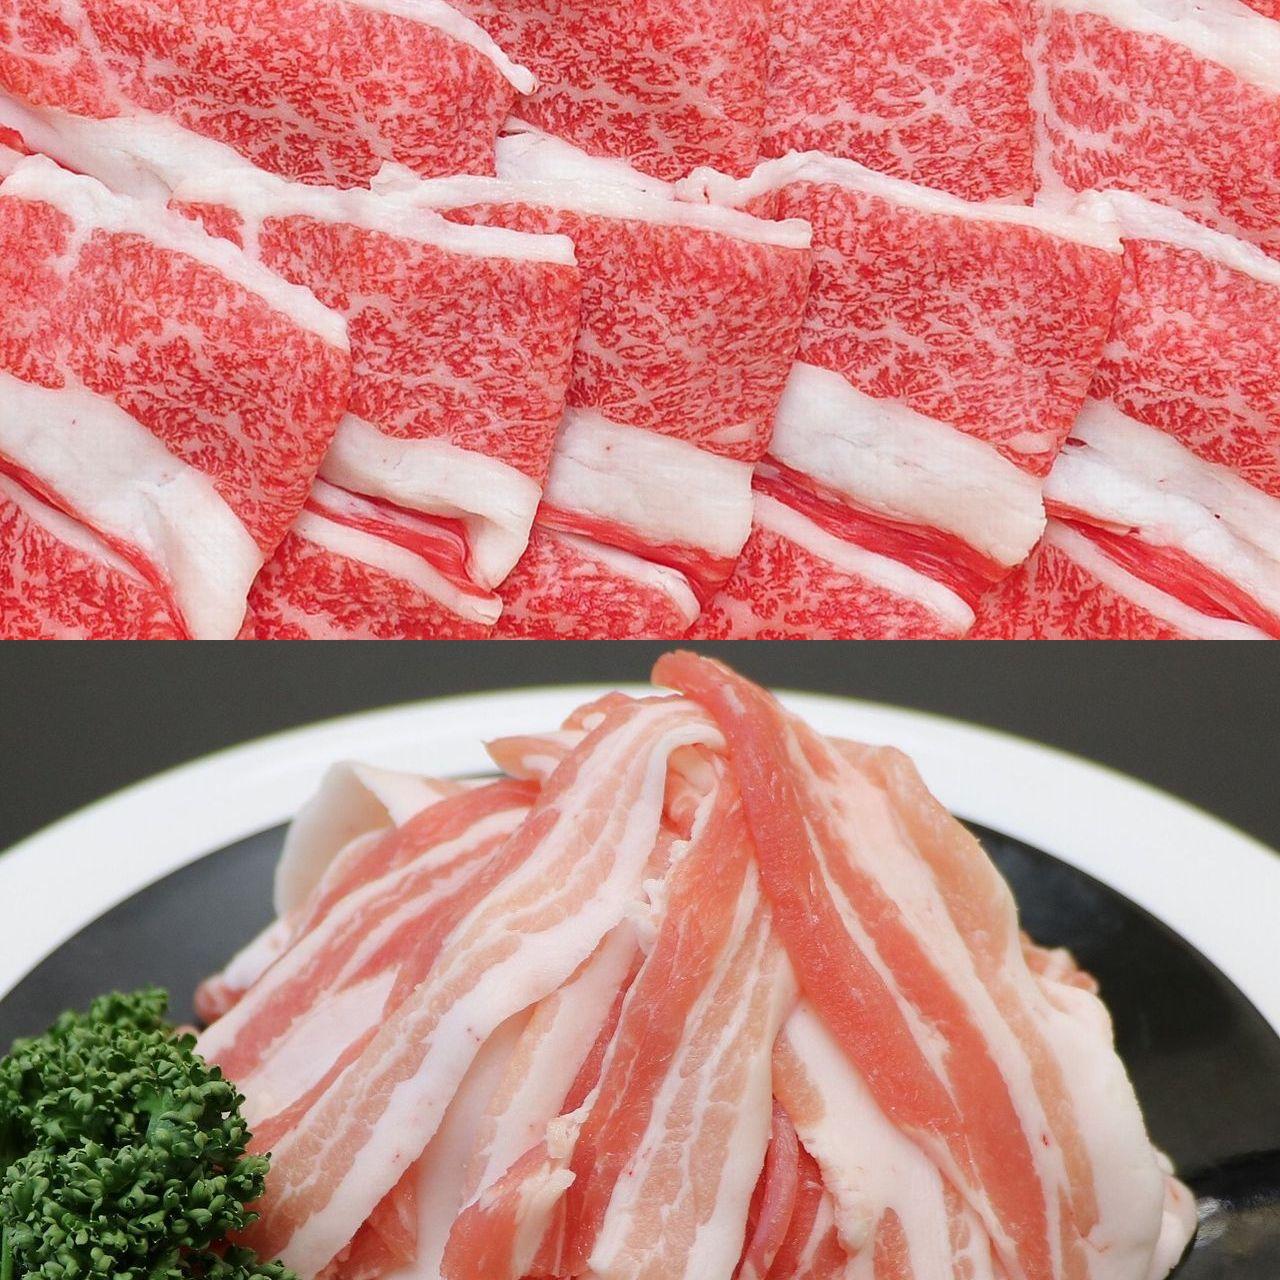 米沢牛切り落とし&米澤豚一番育ち切り落としバラ切り落としの画像